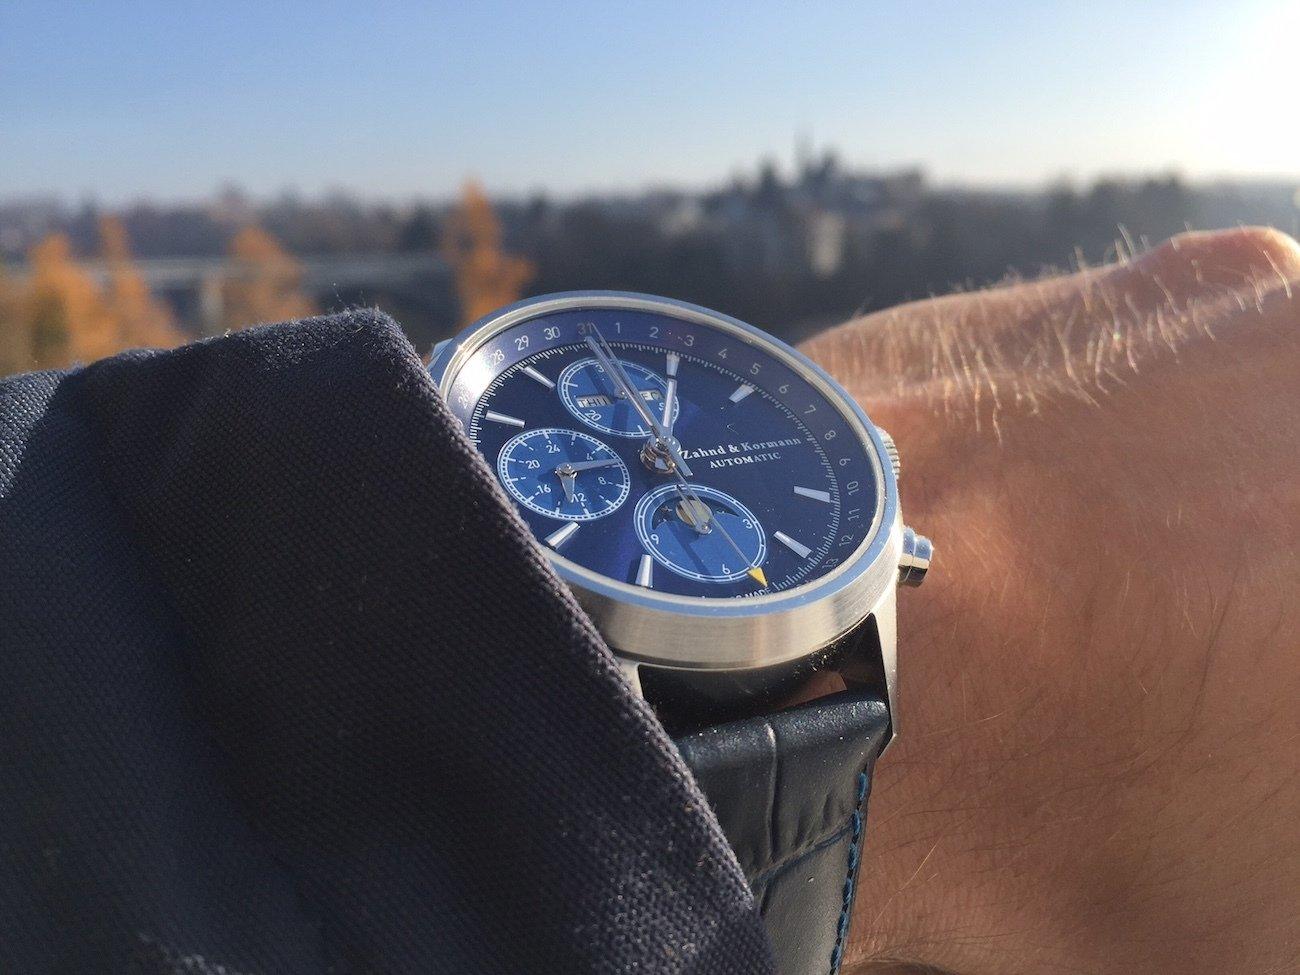 Zahnd & Kormann Automatic Watches